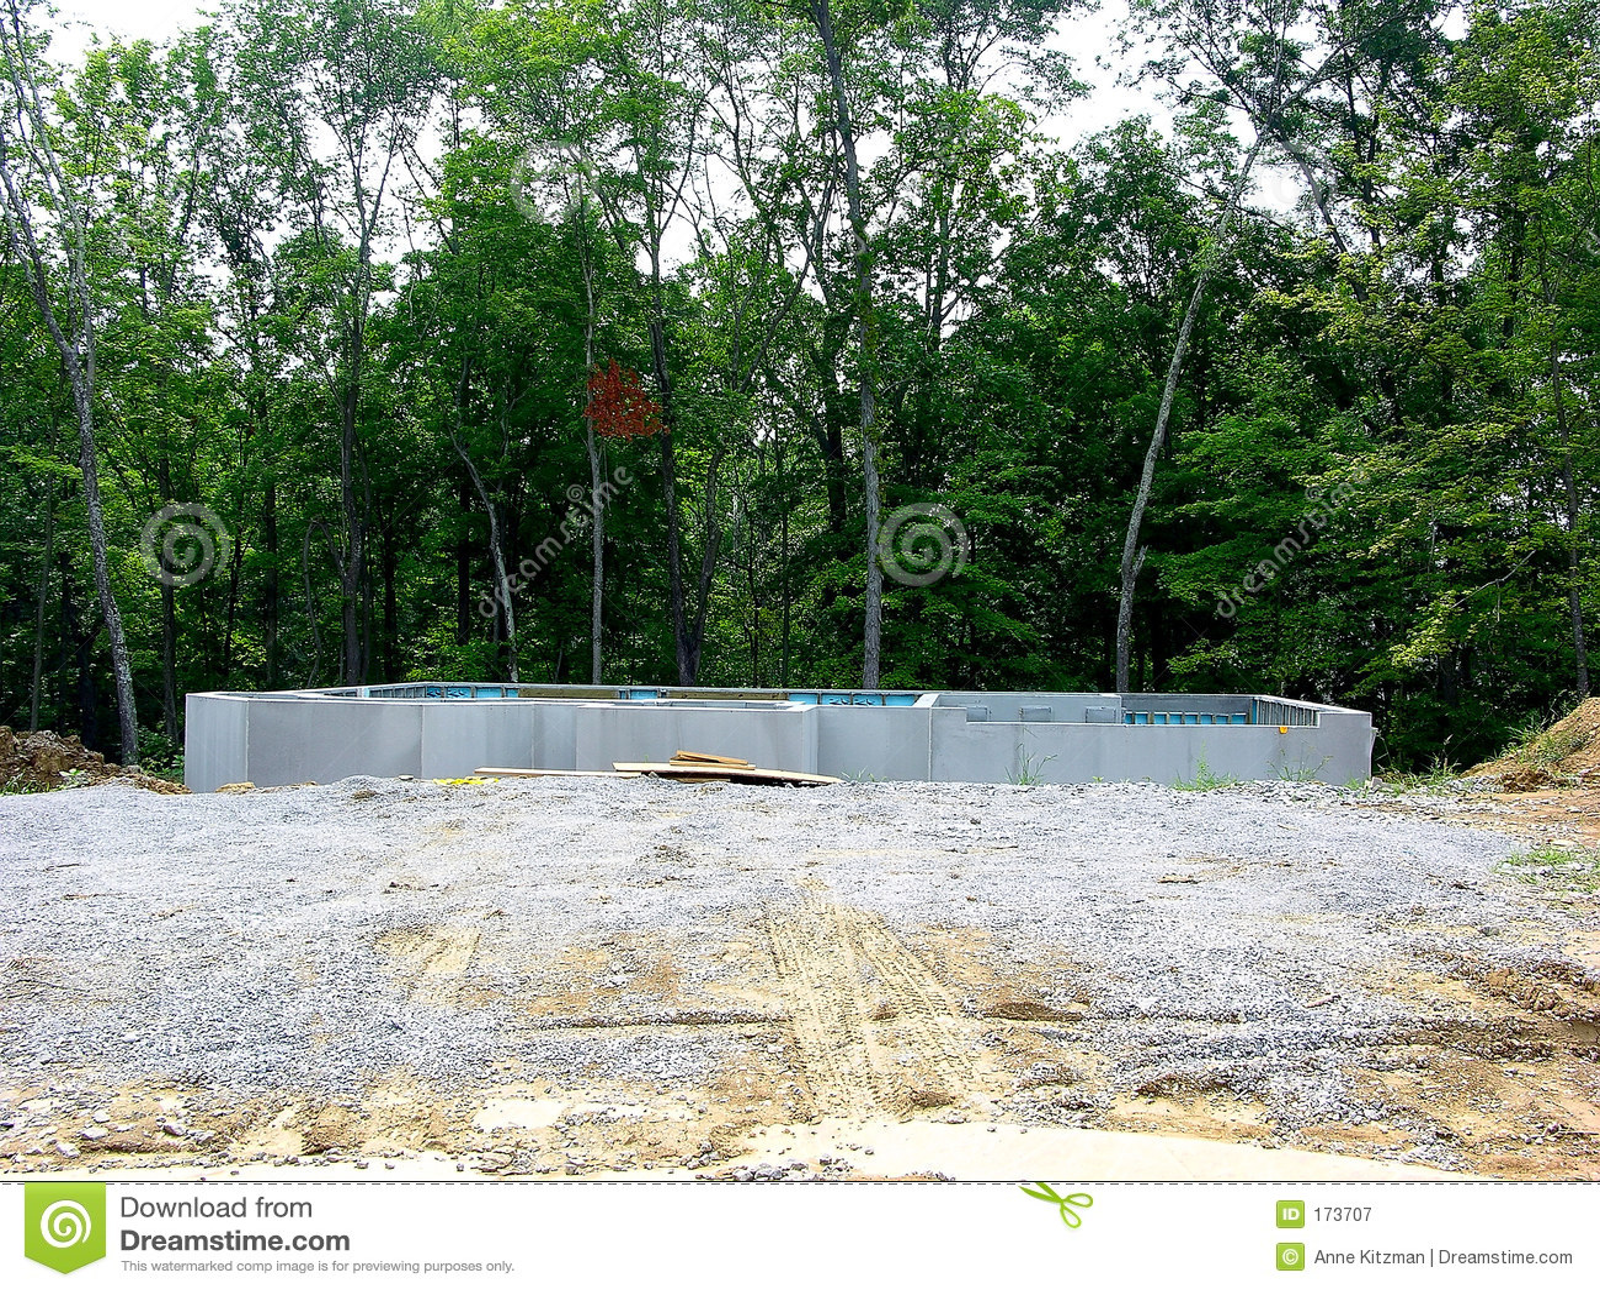 Construction poured concrete foundation stock image for Concrete basement construction